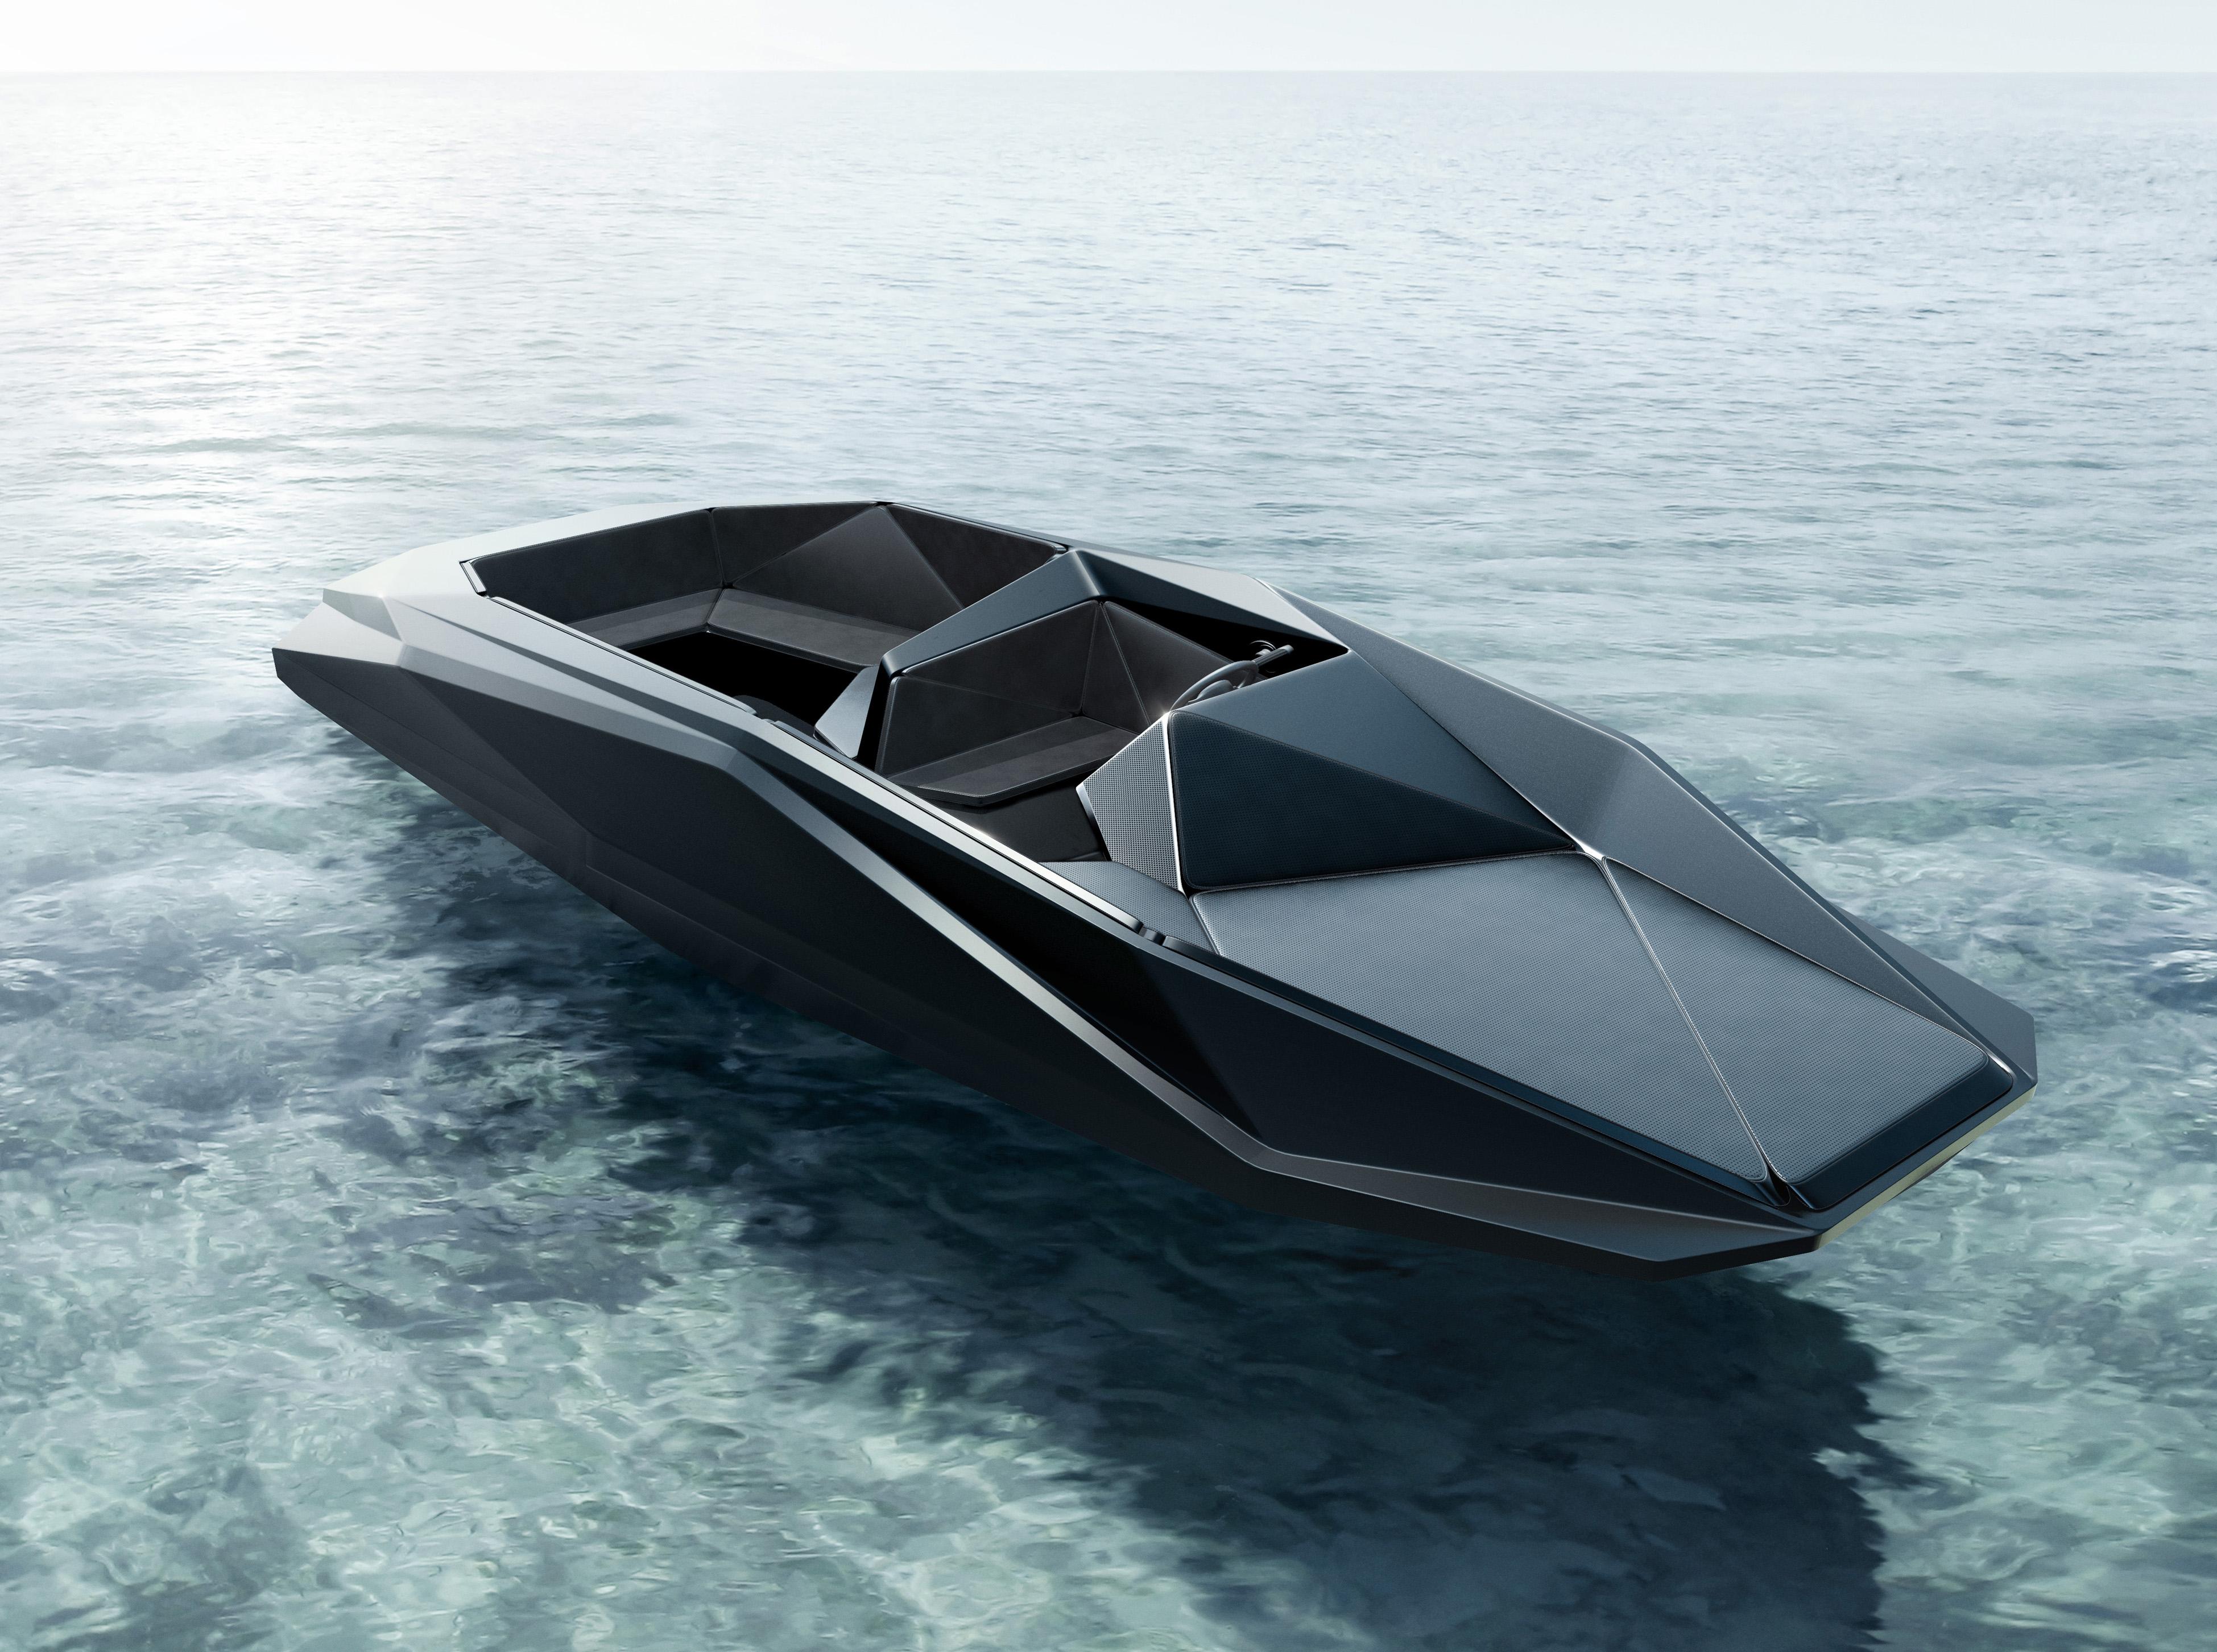 Aluminum Boat Manufacturers >> Z-Boat   Architect Magazine   Zaha Hadid Architects, United States, Transportation, Other, Z-Boat